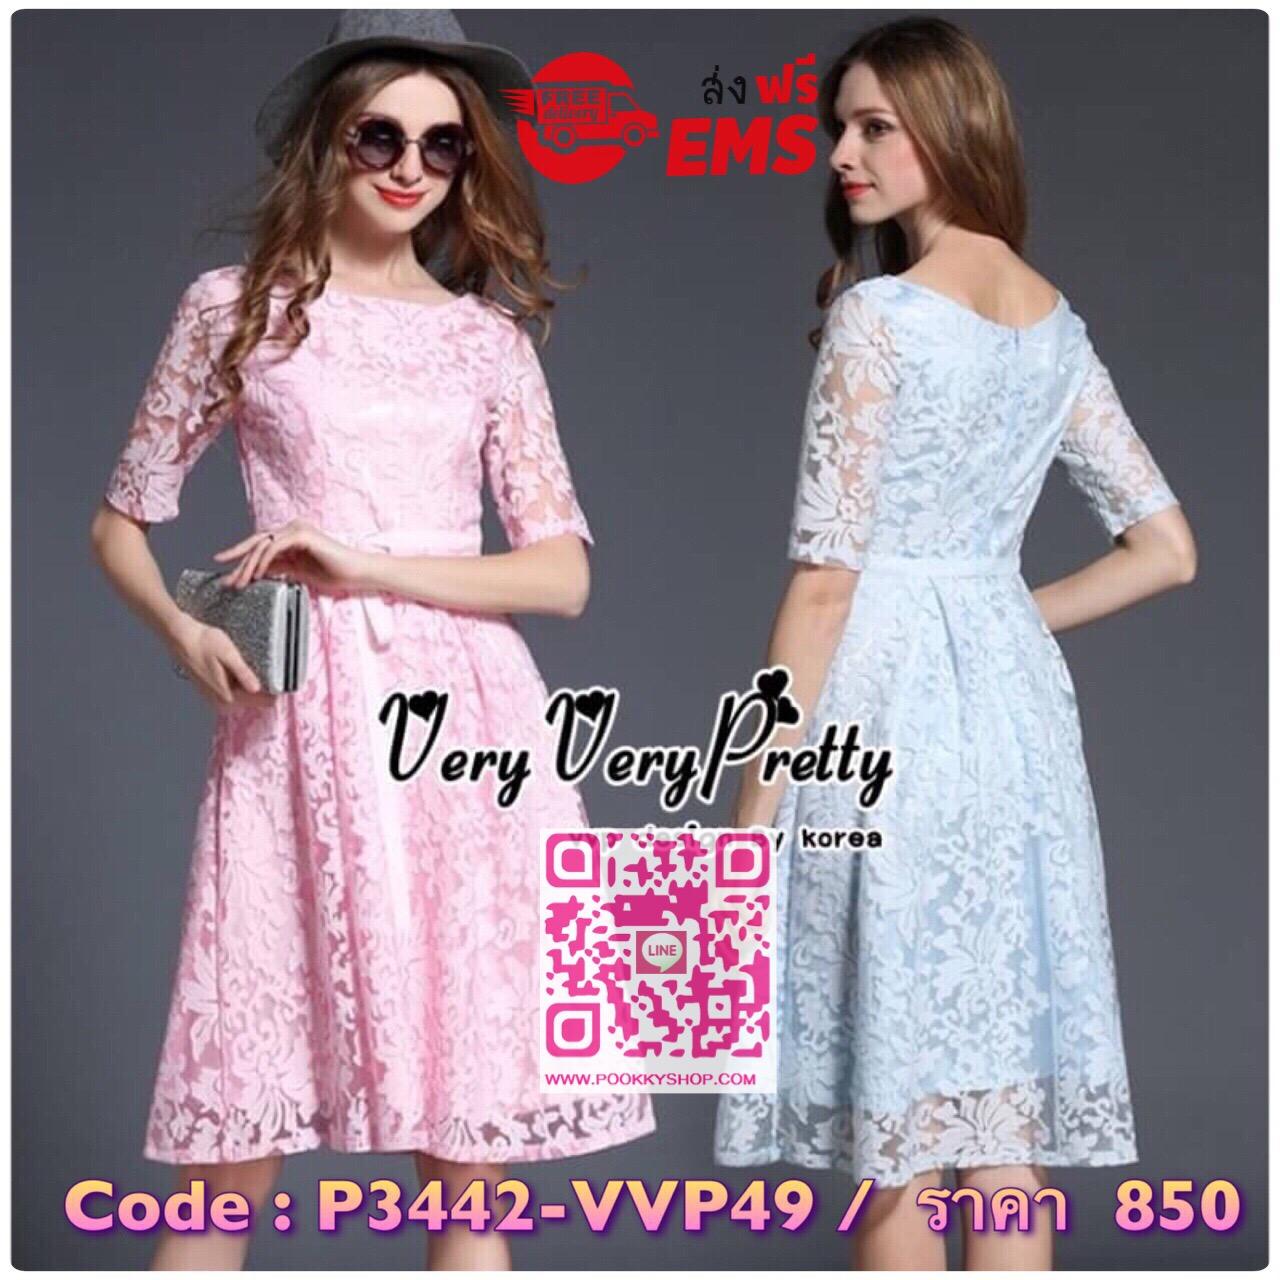 Luxurious Vintage Embroidered Lace Dress เดรสผ้าลูกไม้ทั้งตัวสไตล์วินเทจ เนื้อผ้าลูกไม้สวยนุ่มฉลุลายโชว์งานได้สวยมากค่ะ งานมีซับในทั้งตัวค่ะ ทรงคอกลมแขนสั้น มาพร้อมริบบิ้นประดับเพิ่มความสวยให้กับชุดค่ะ ช่วงเอวเข้ารูป กระโปรงทรงเอพรางหุ่นได้ดีทีเดียวค่ะ งา